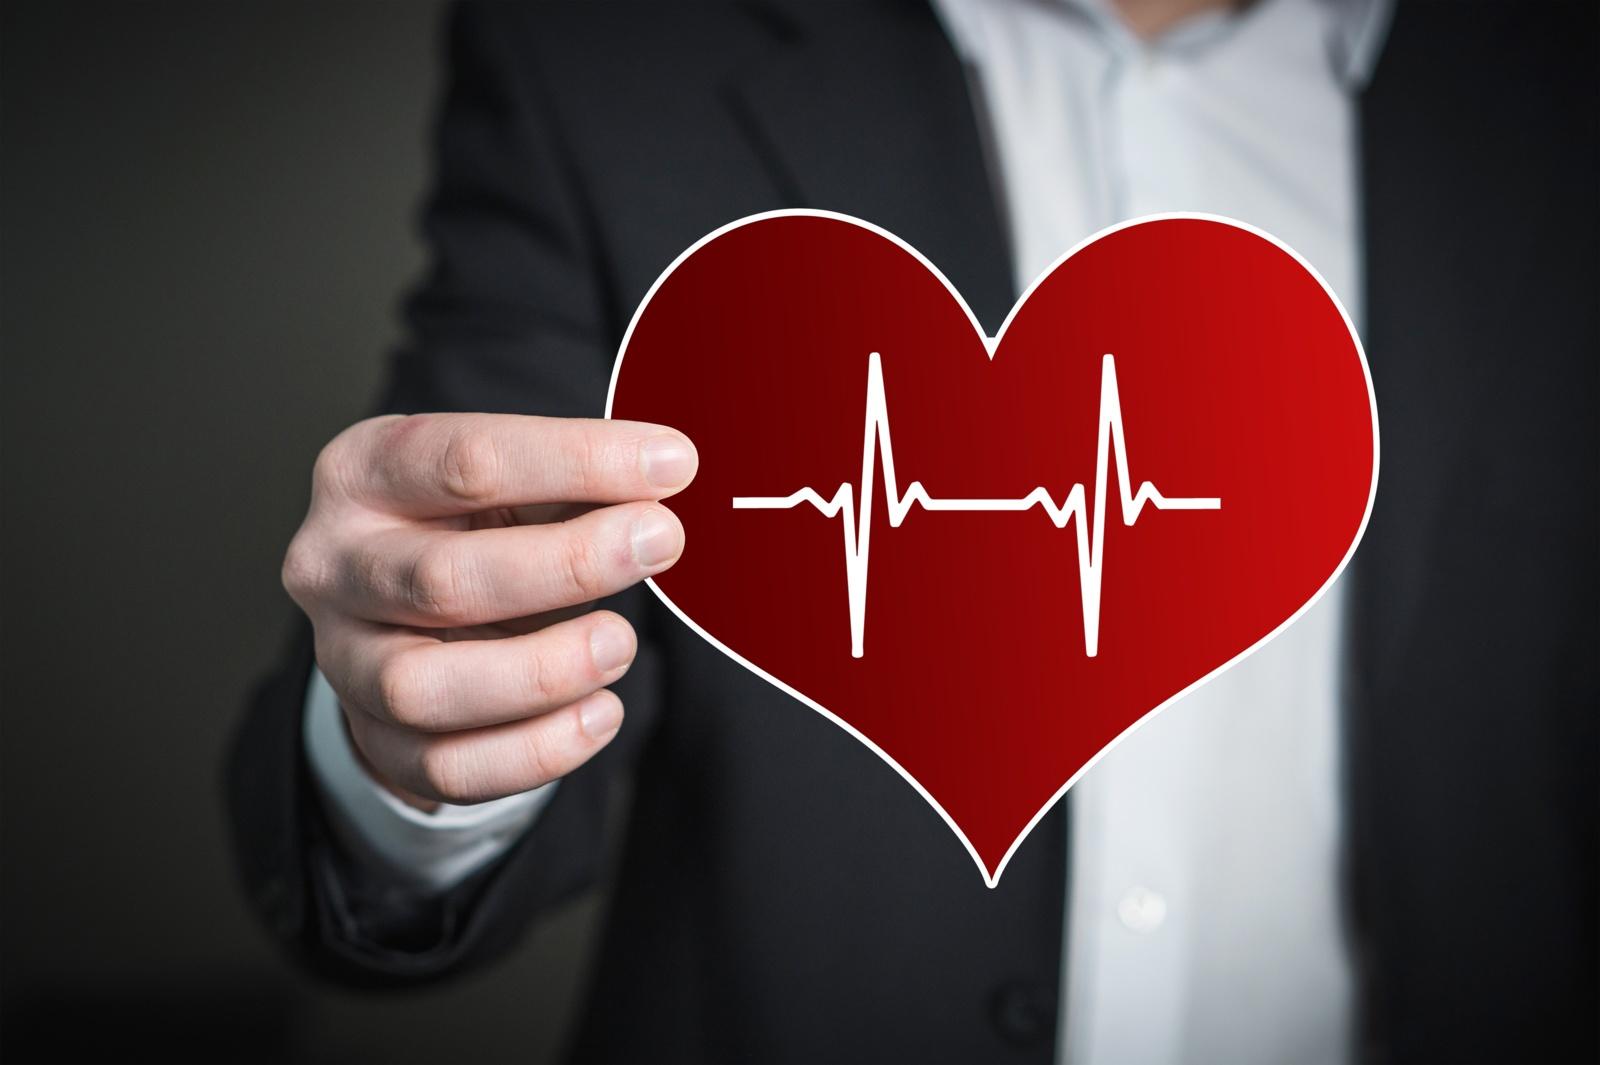 gydyti peršalimą su hipertenzija kaip širdies ir kraujagyslių sveikata sumažina širdies ligų riziką